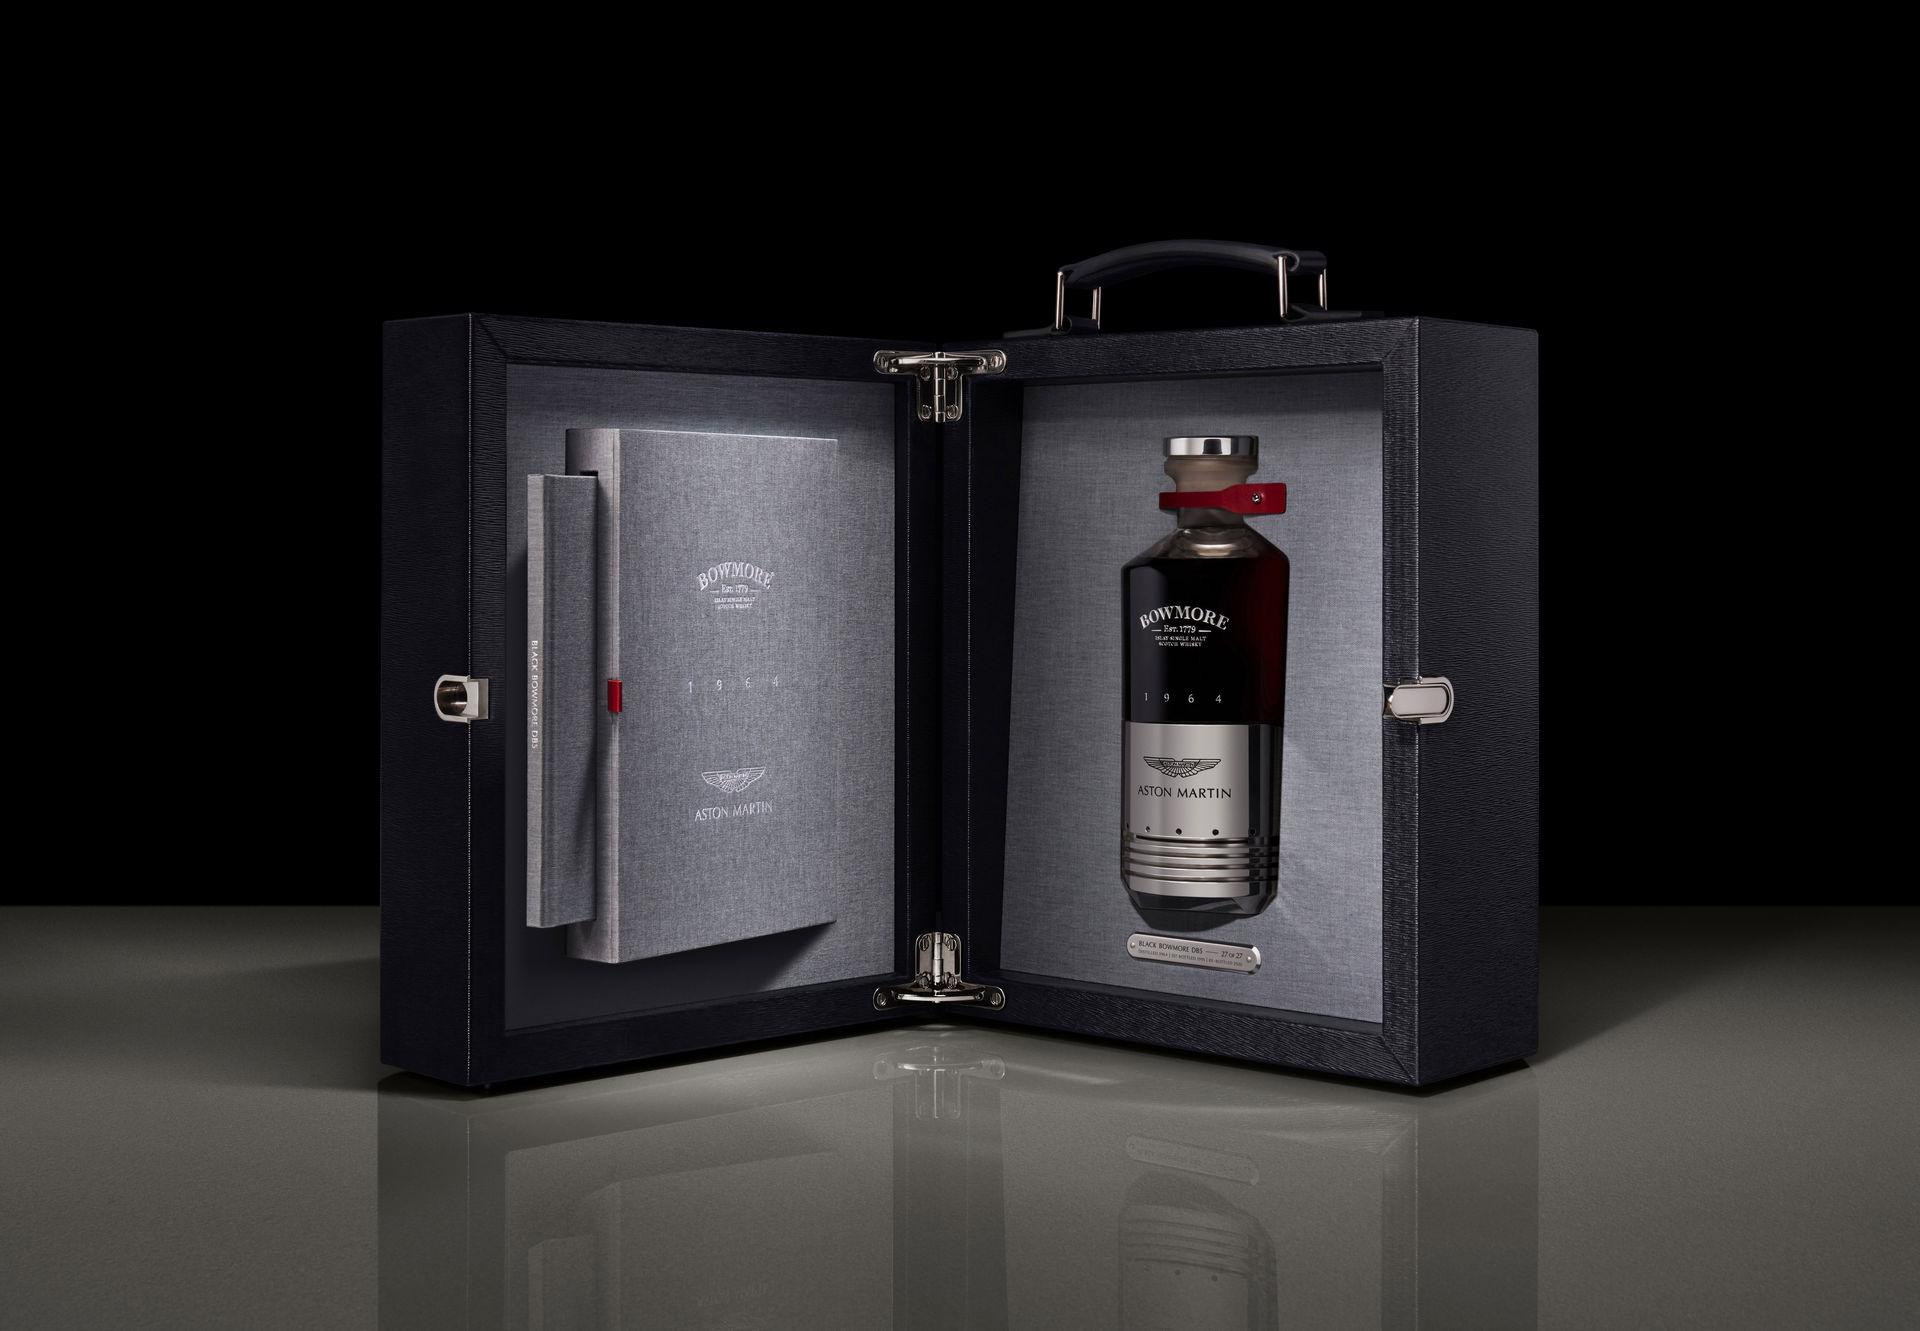 Aston Martin выпустил элитный виски в бутылке из поршня